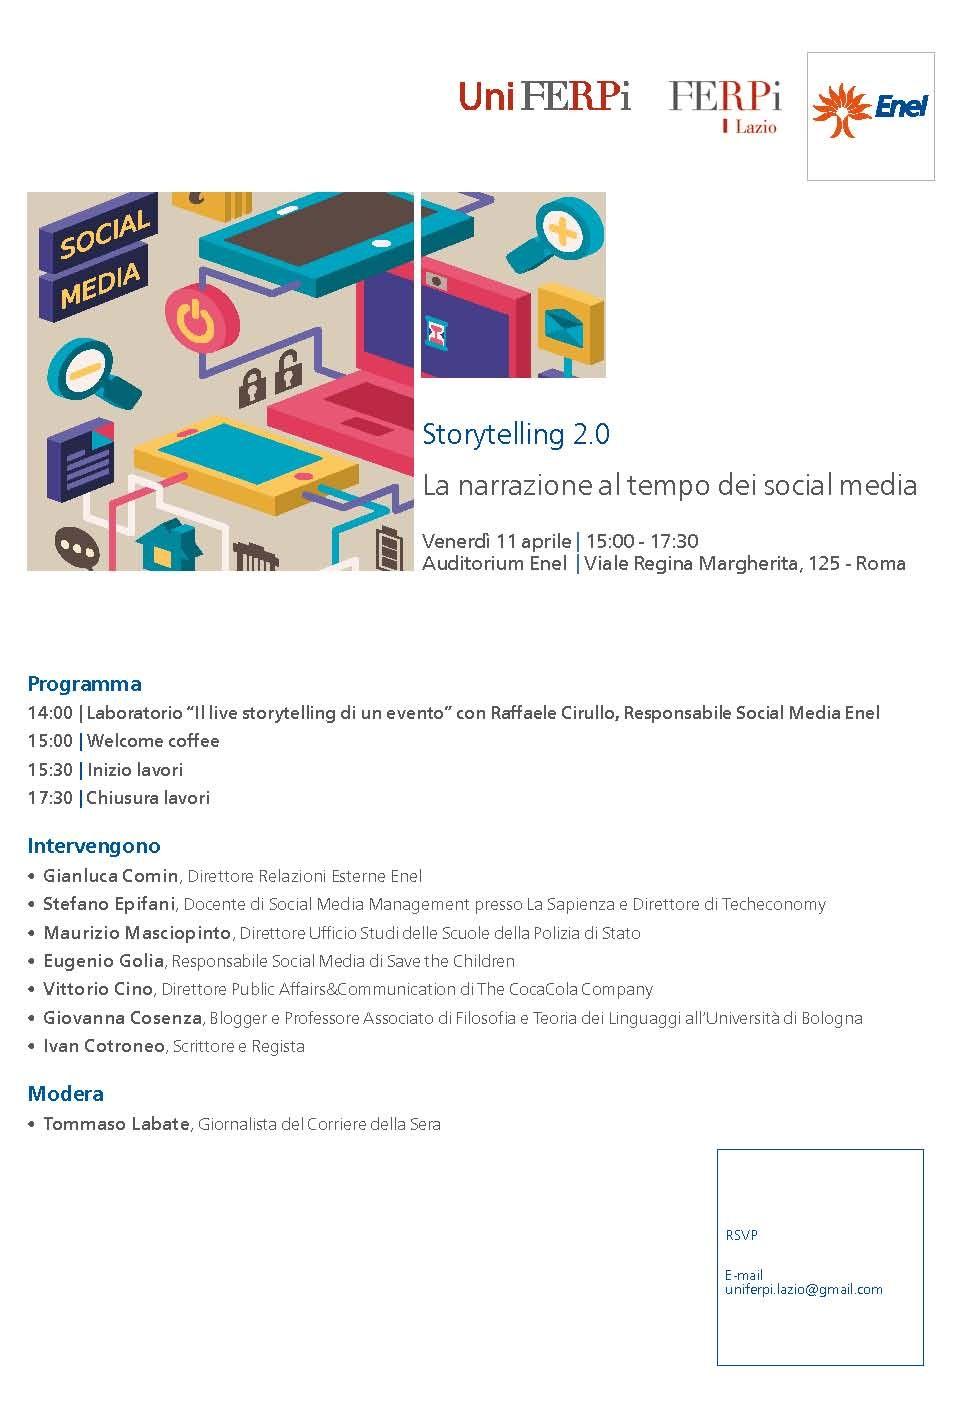 """#Programma #Evento """"#Storytelling 2.0. La narrazione al tempo dei #SocialMedia"""" #digitelling http://bit.ly/1lmn4D6"""